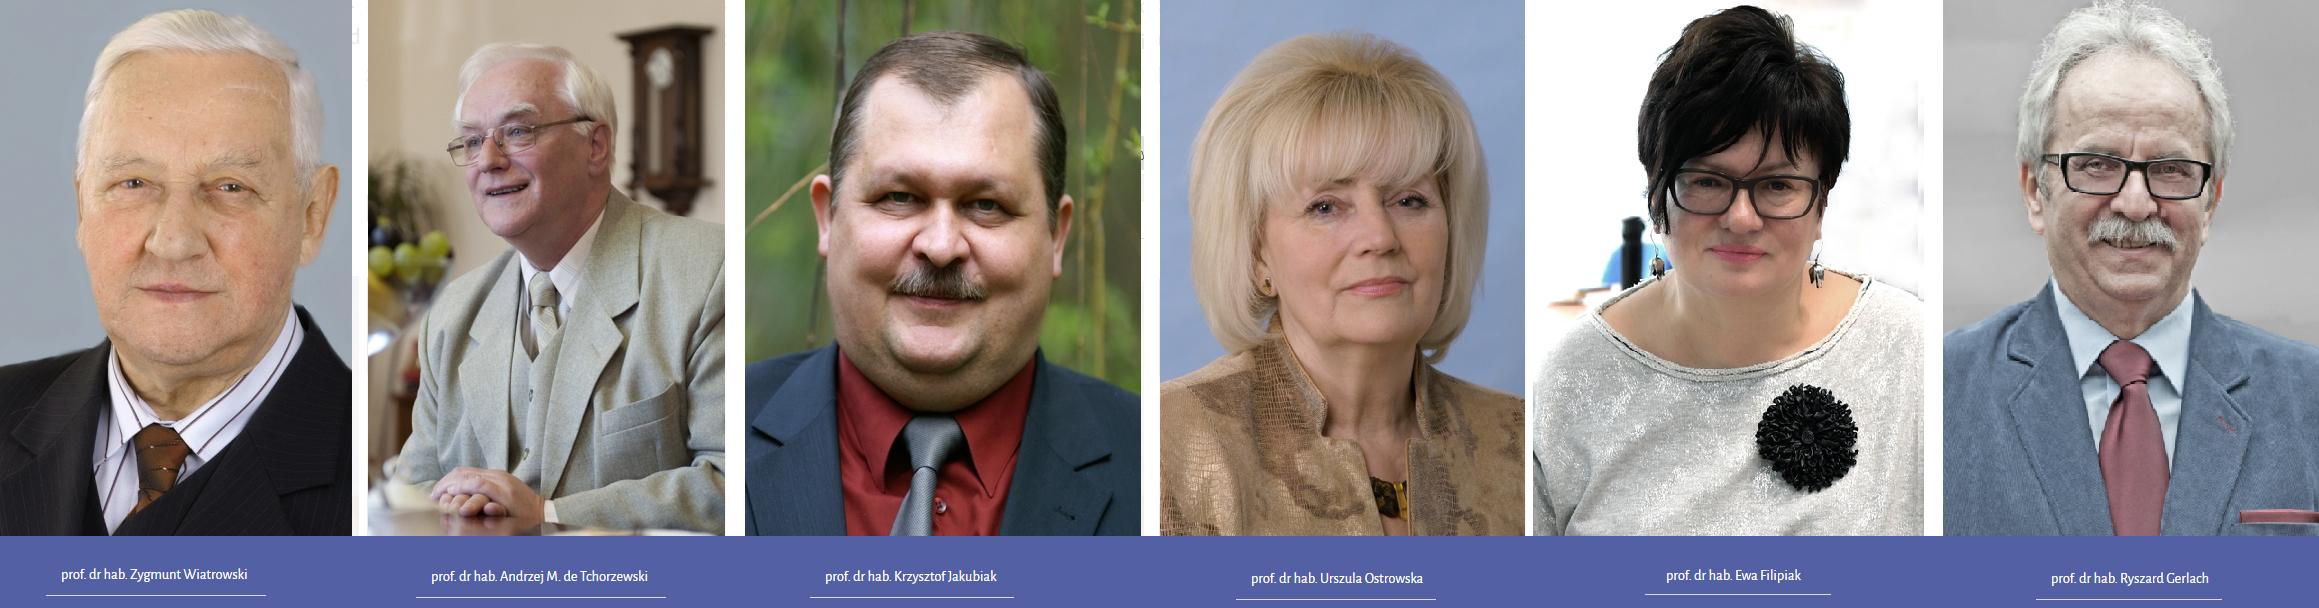 Fotografie dyrektorów (od lewej) prof. Zygmunt Wiatrowski, prof. Andrzej de Tchorzewski, prof. Krzysztof Jakubiak, prof. Urszula Ostrowska, prof. Ewa Filipiak, prof. Ryszard Gerlach